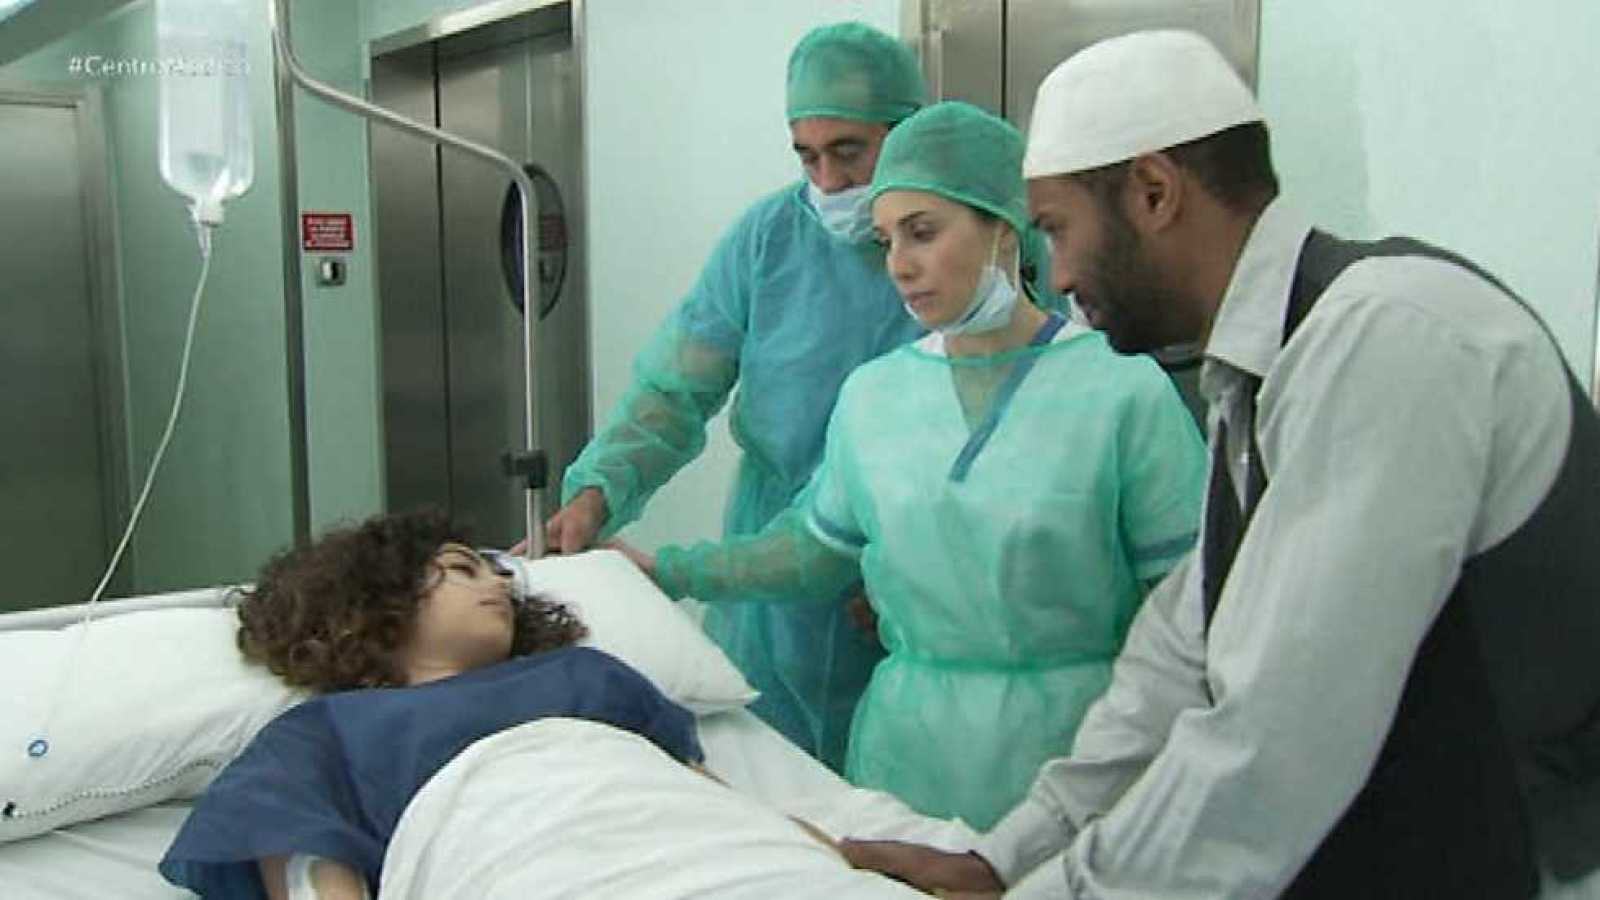 Centro Médico - 04/11/15 - Ver ahora